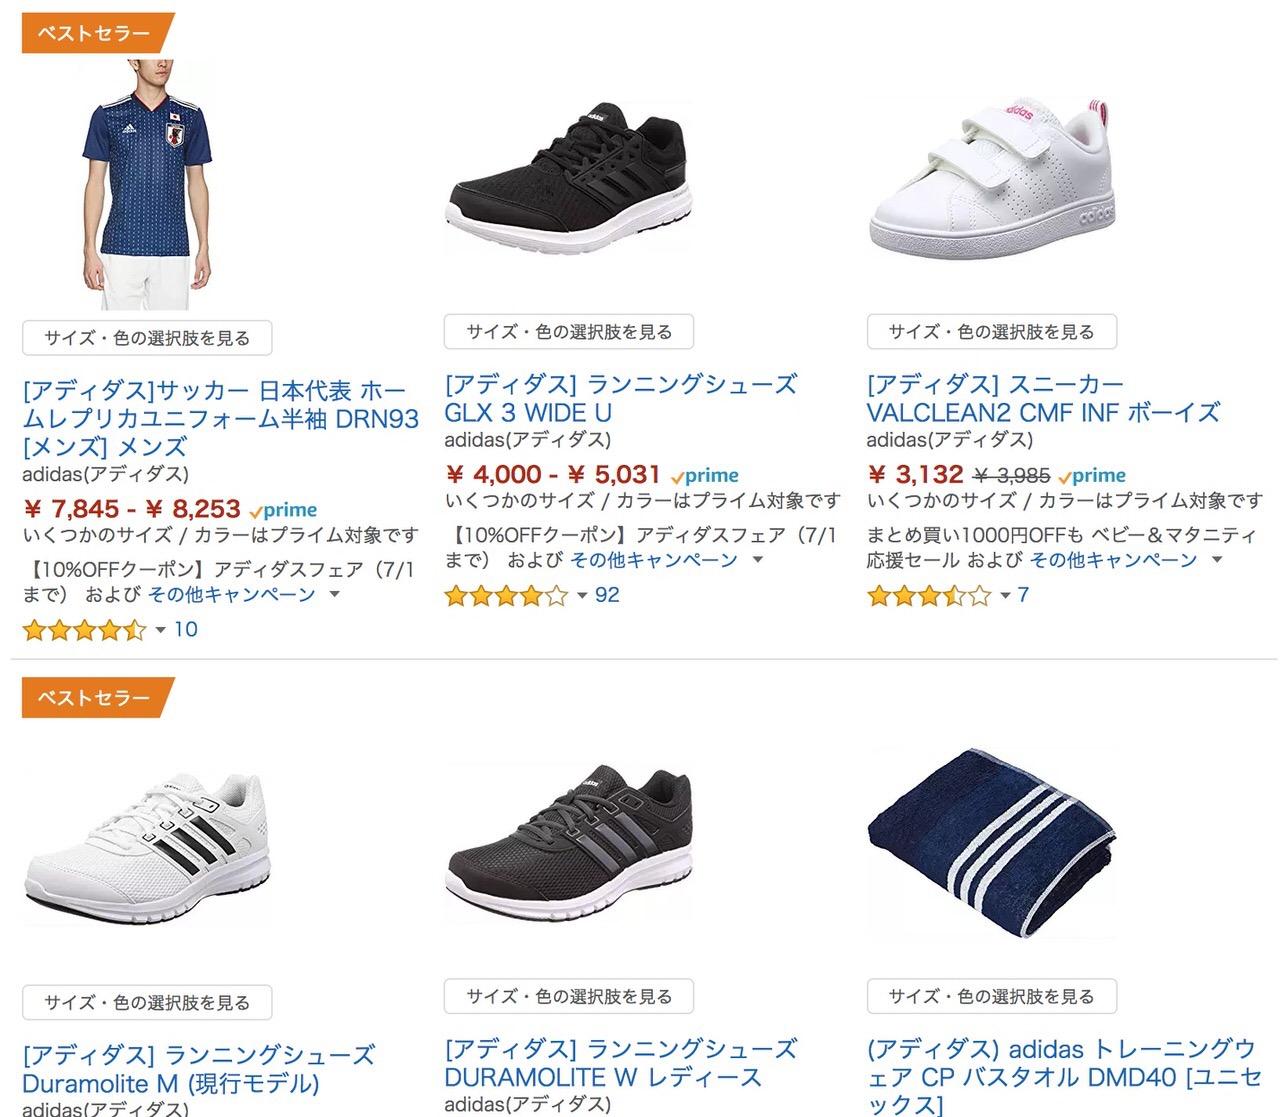 サッカー日本代表レプリカユニも対象!アディダスのスポーツウェアがクーポンで15%オフ